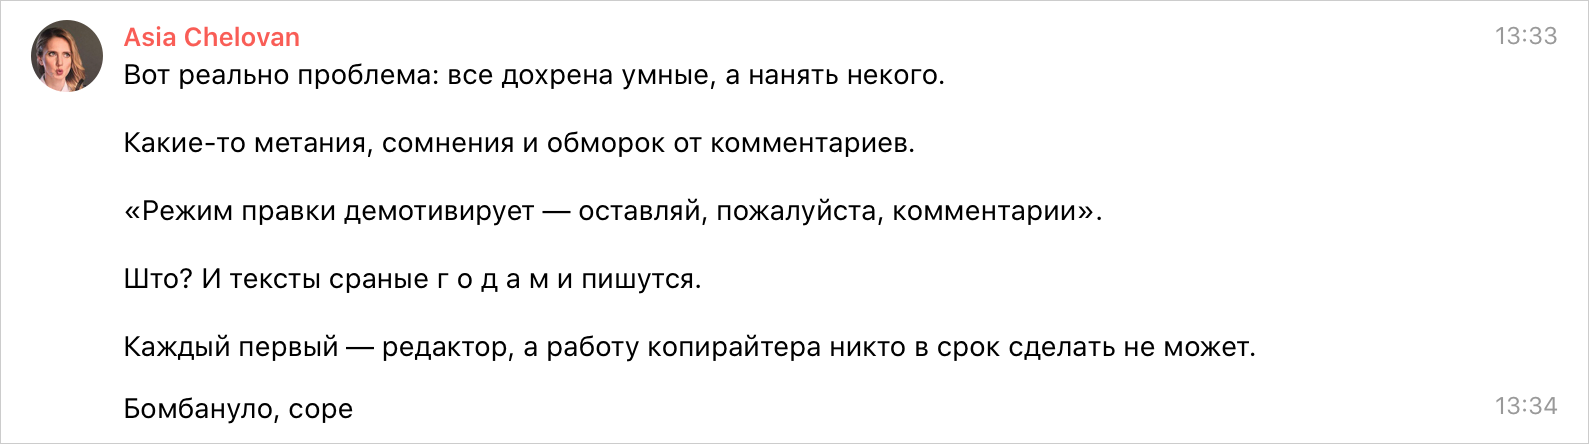 Скриншот из чата Максима Ильяхова «Мастерская» в Telegram